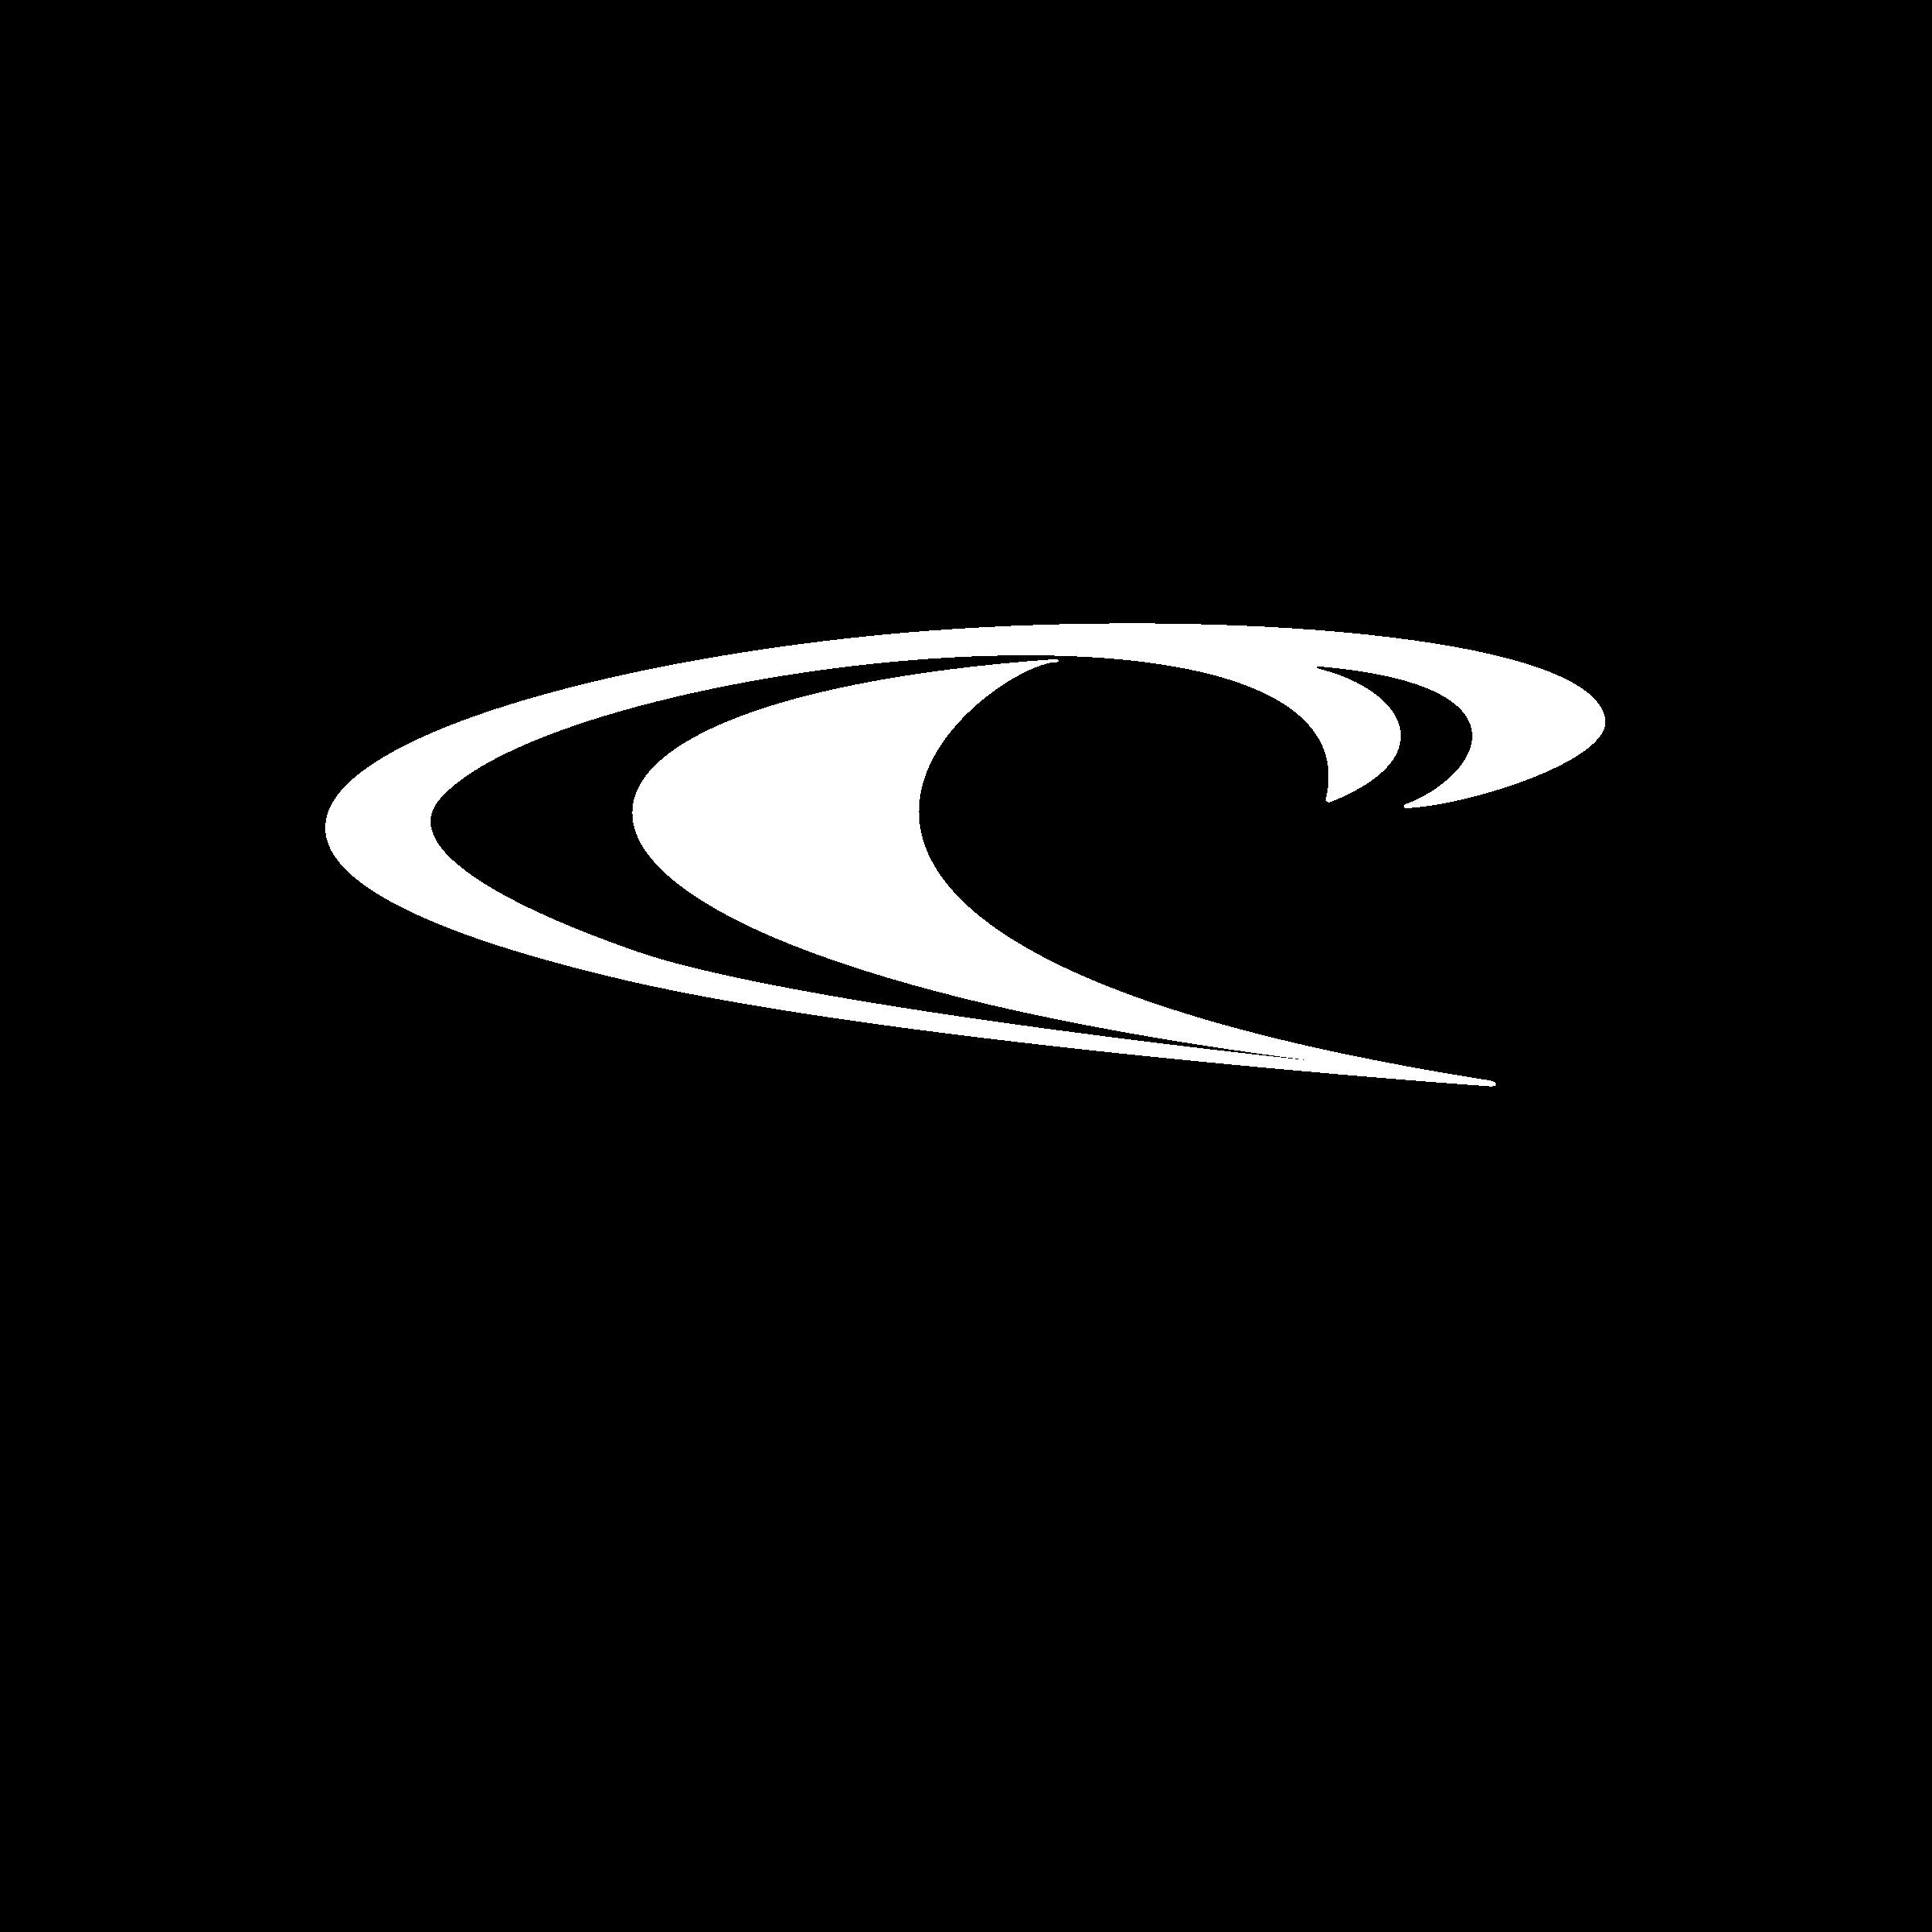 O'Neill Logo PNG Transparent & SVG Vector.